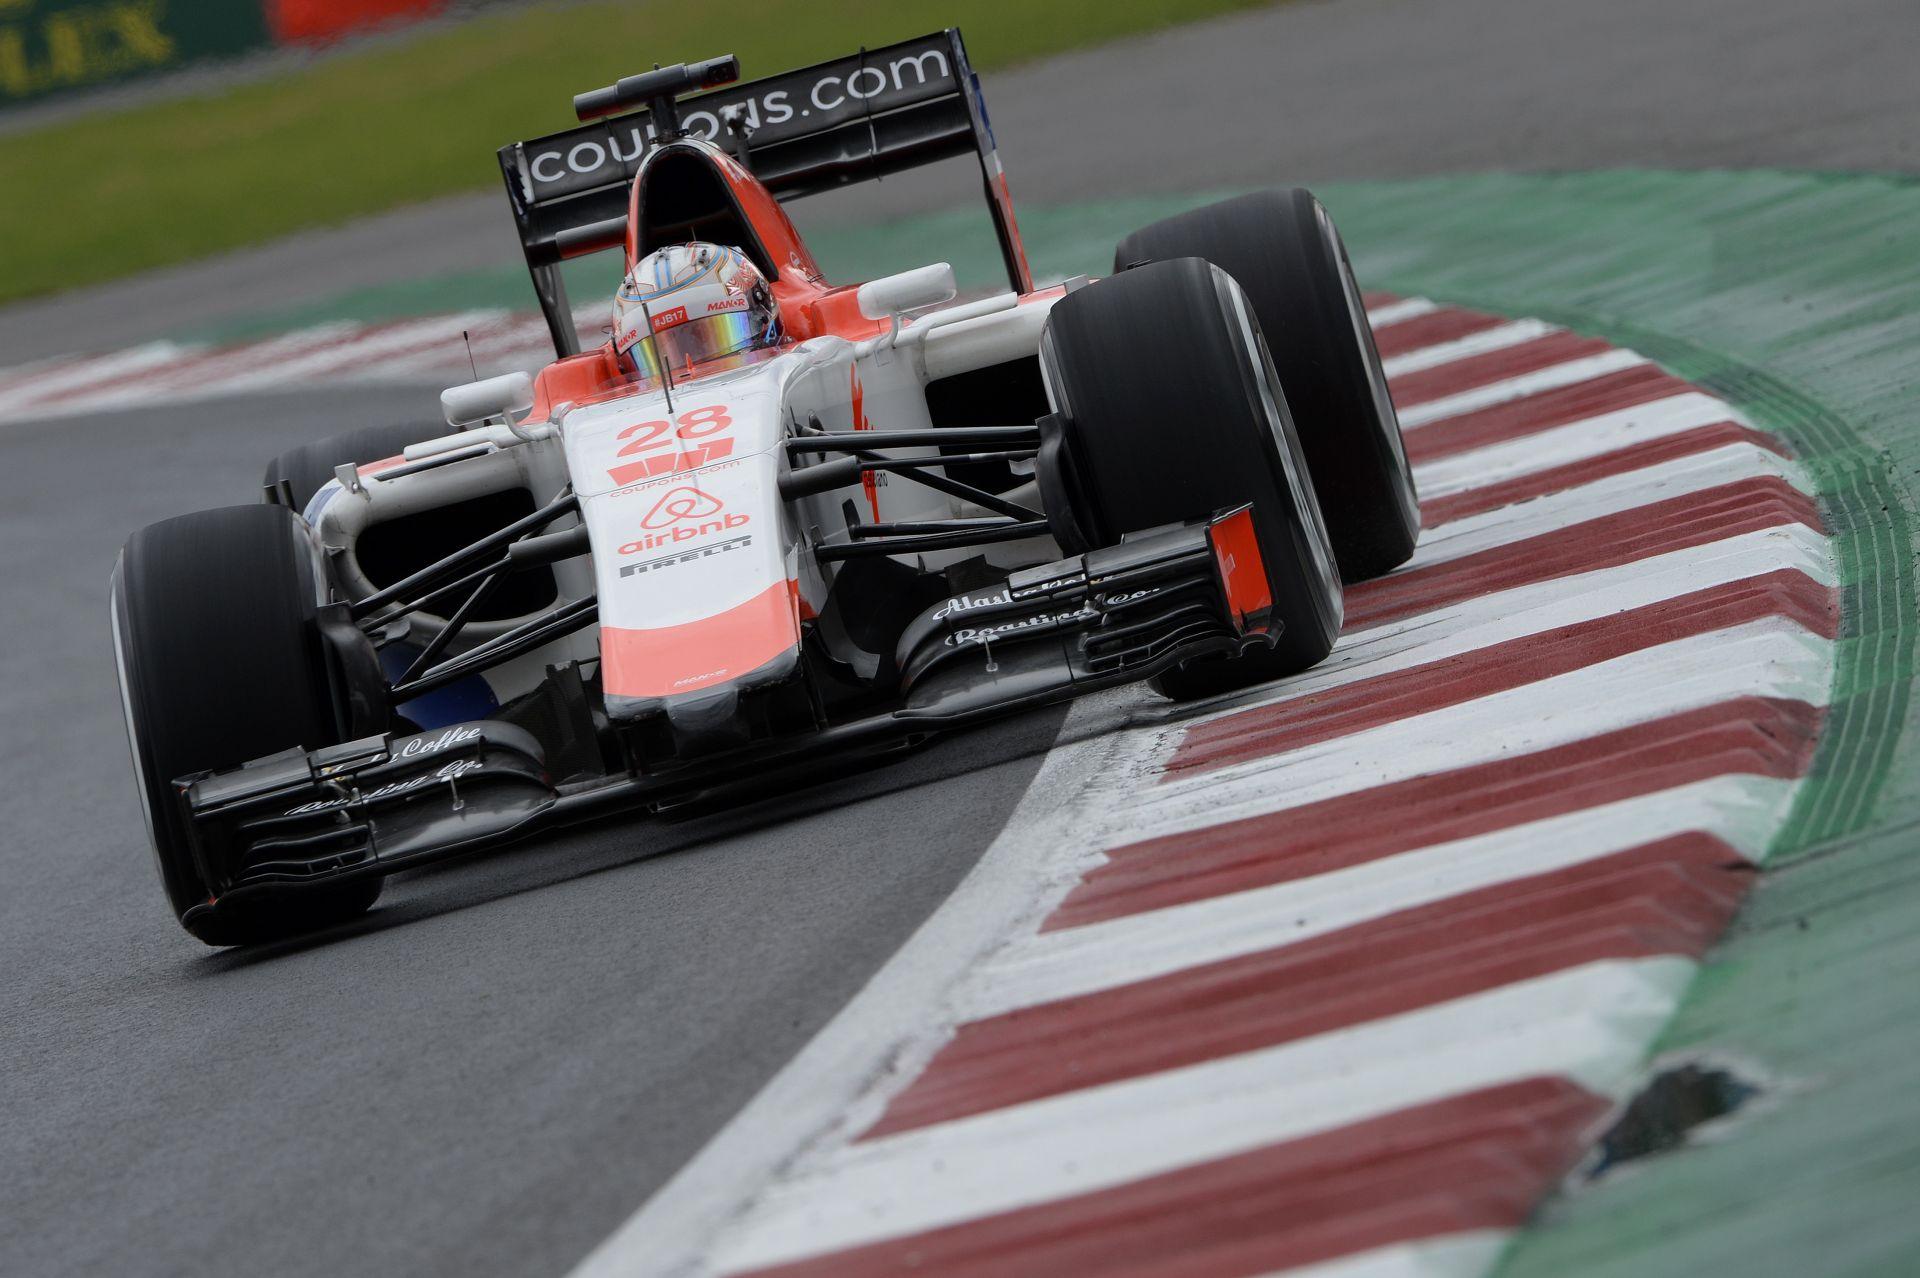 Újabb 2016-os F1-es autót röffentettek be: így szól a Manor-Mercedes